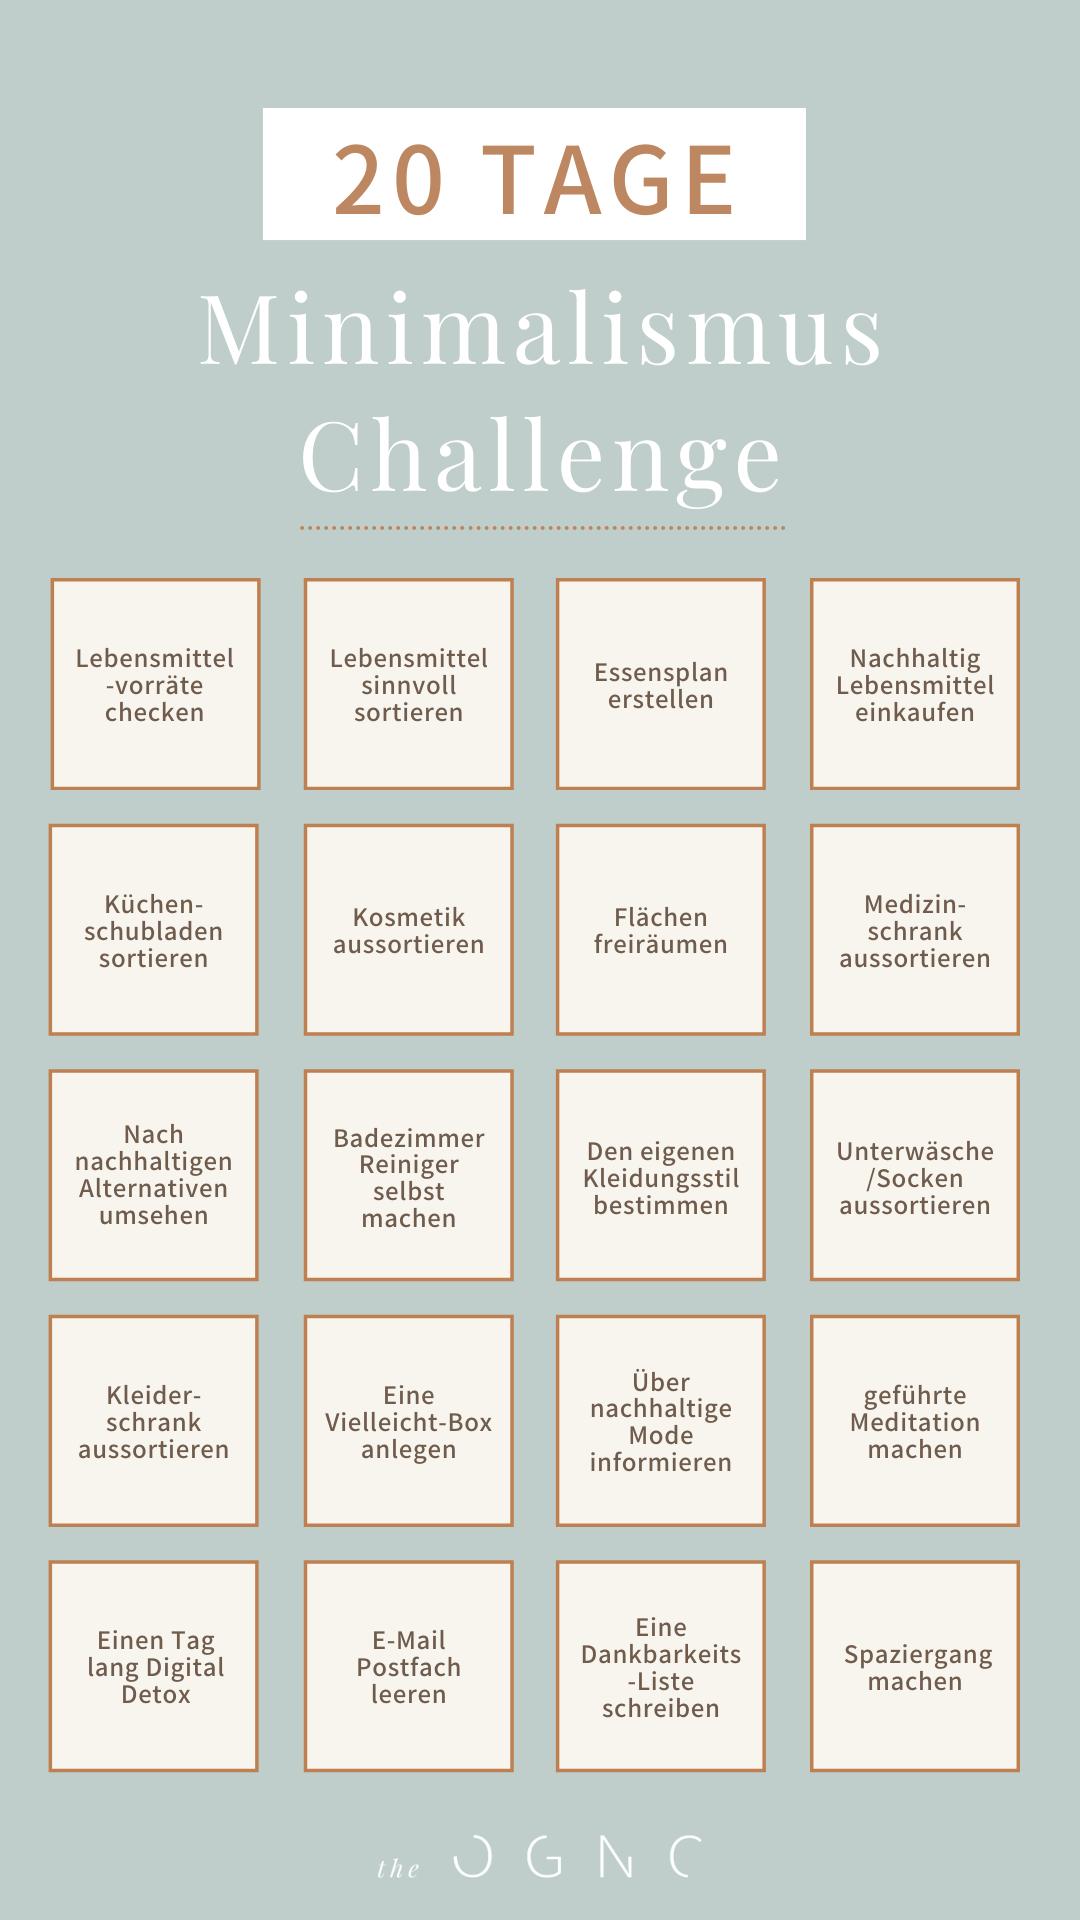 In 20 Tagen zum Minimalismus: die Challenge